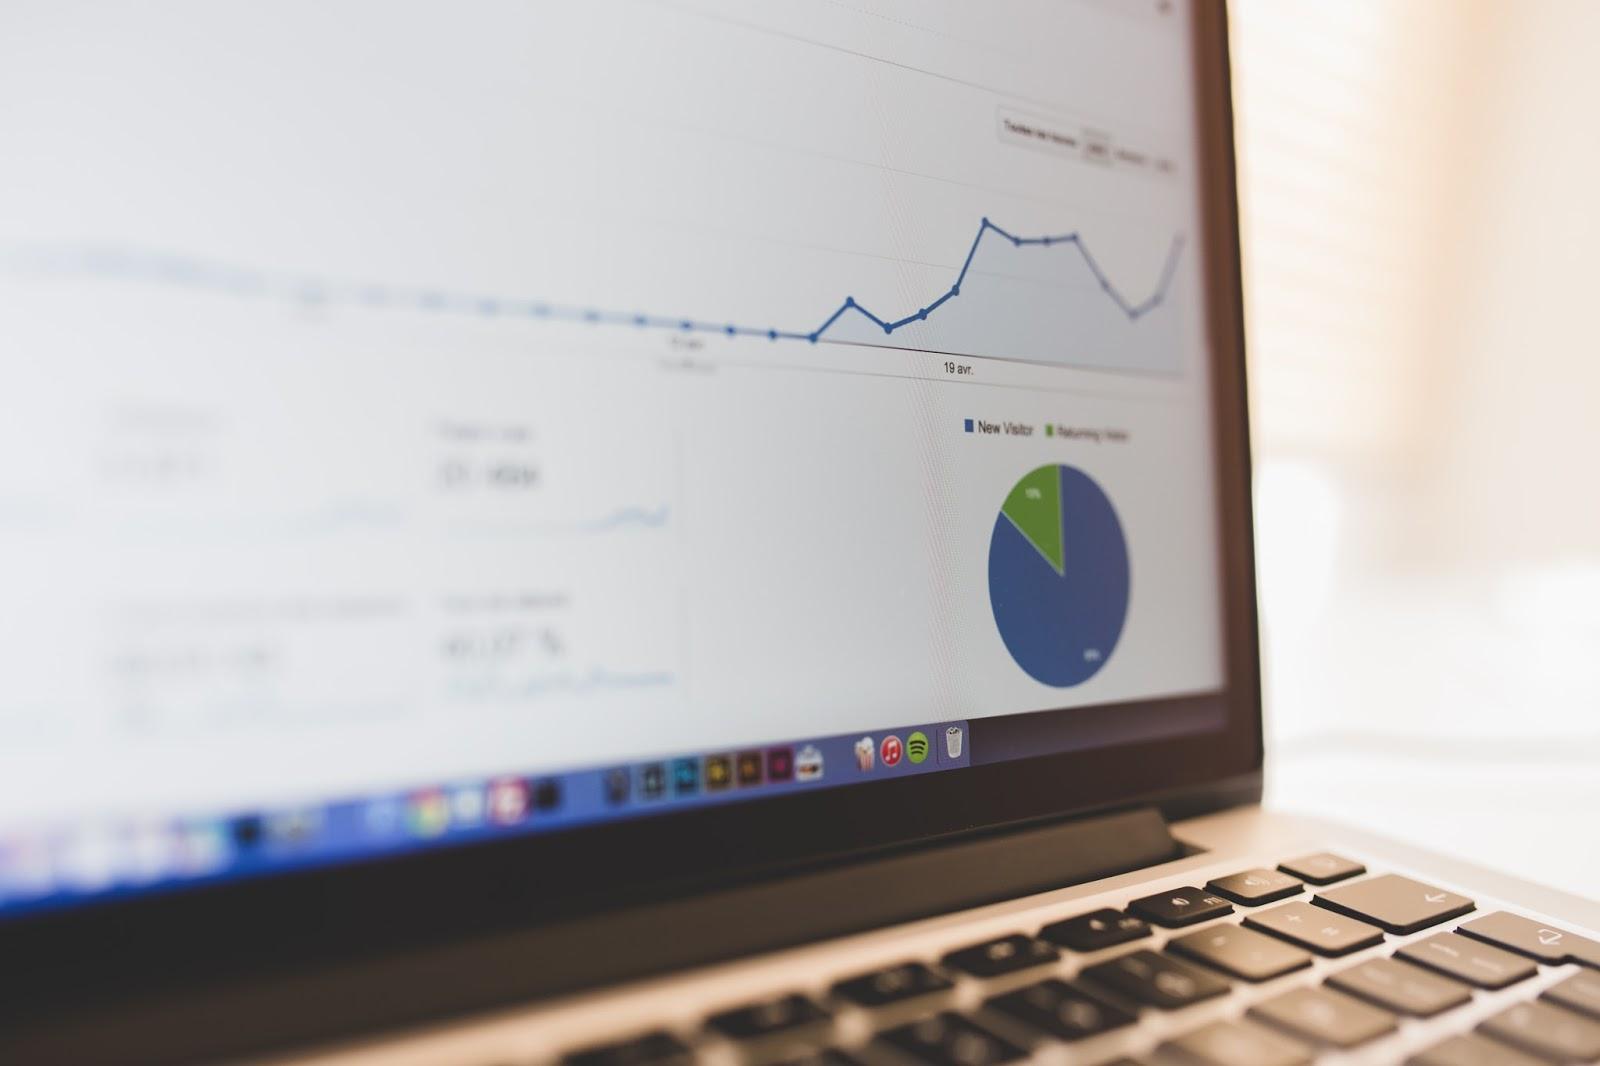 Dicas de como melhorar seu blog, ter mais seguidores e otimizar suas postagens